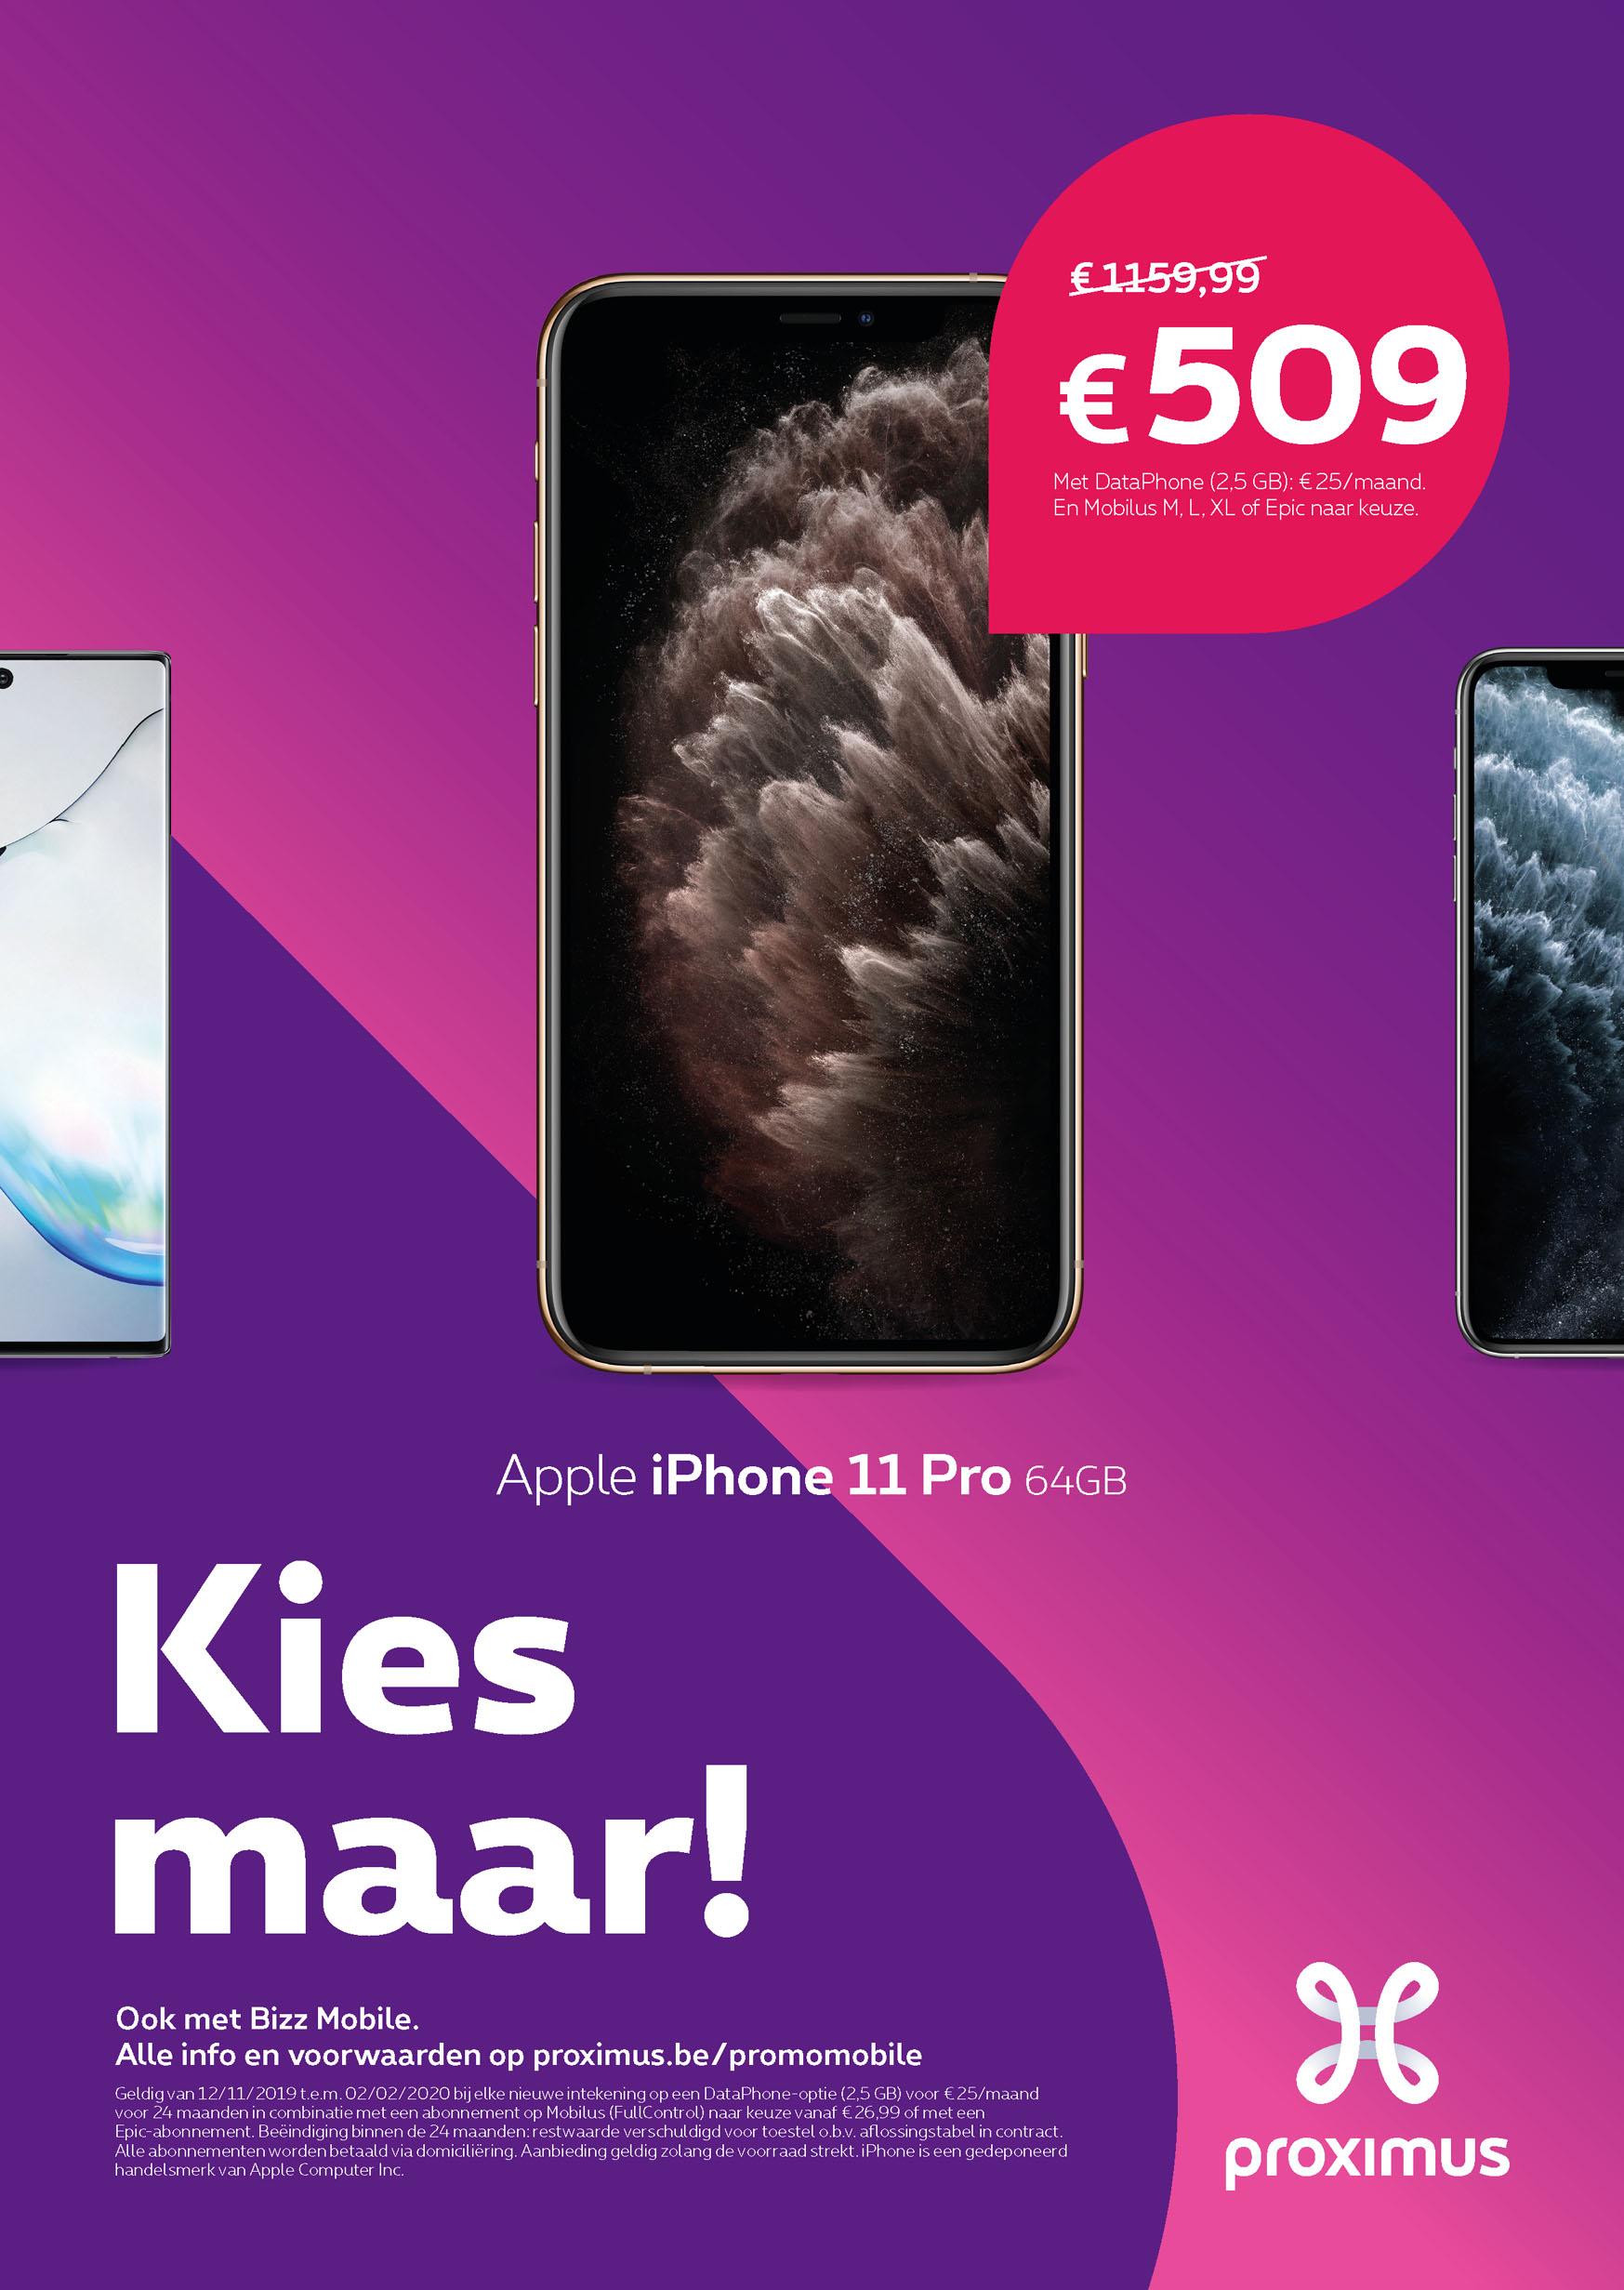 Promotions_JO_JO_Apple_iPhone_11_Pro_64G